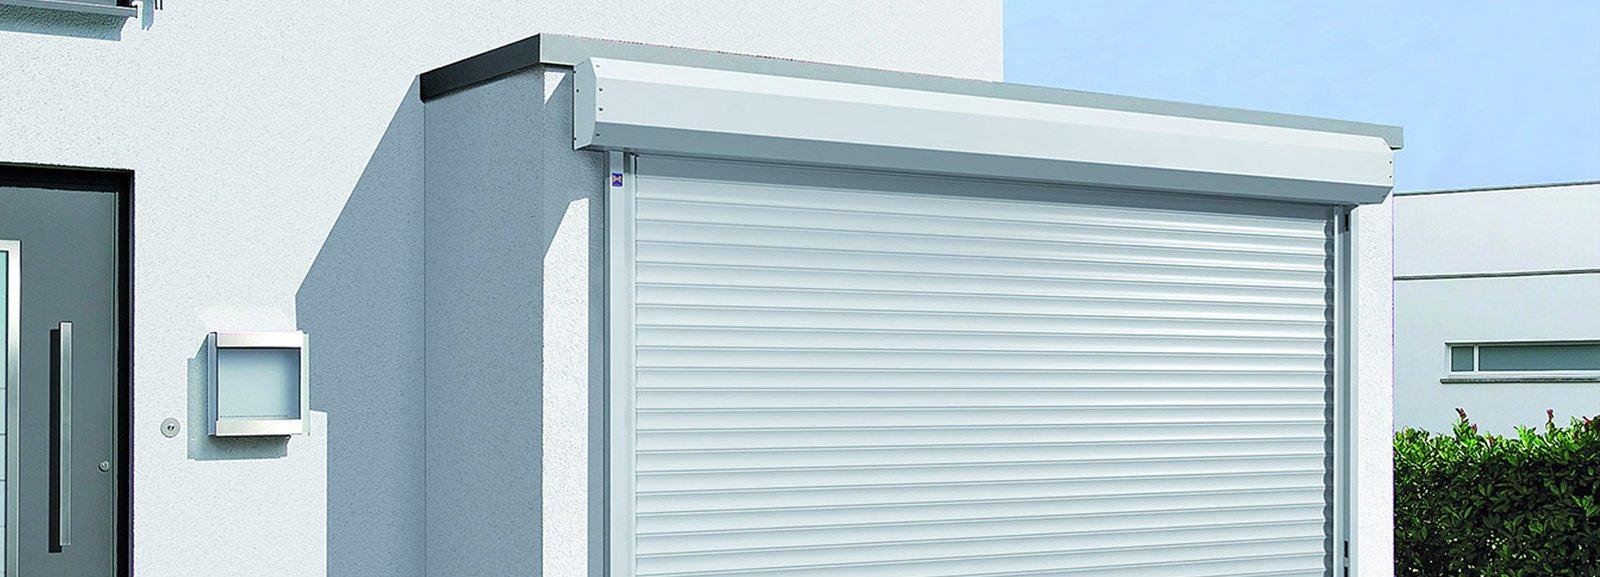 Serrande avvolgibili per il garage cose di casa - Serrande avvolgibili per finestre ...